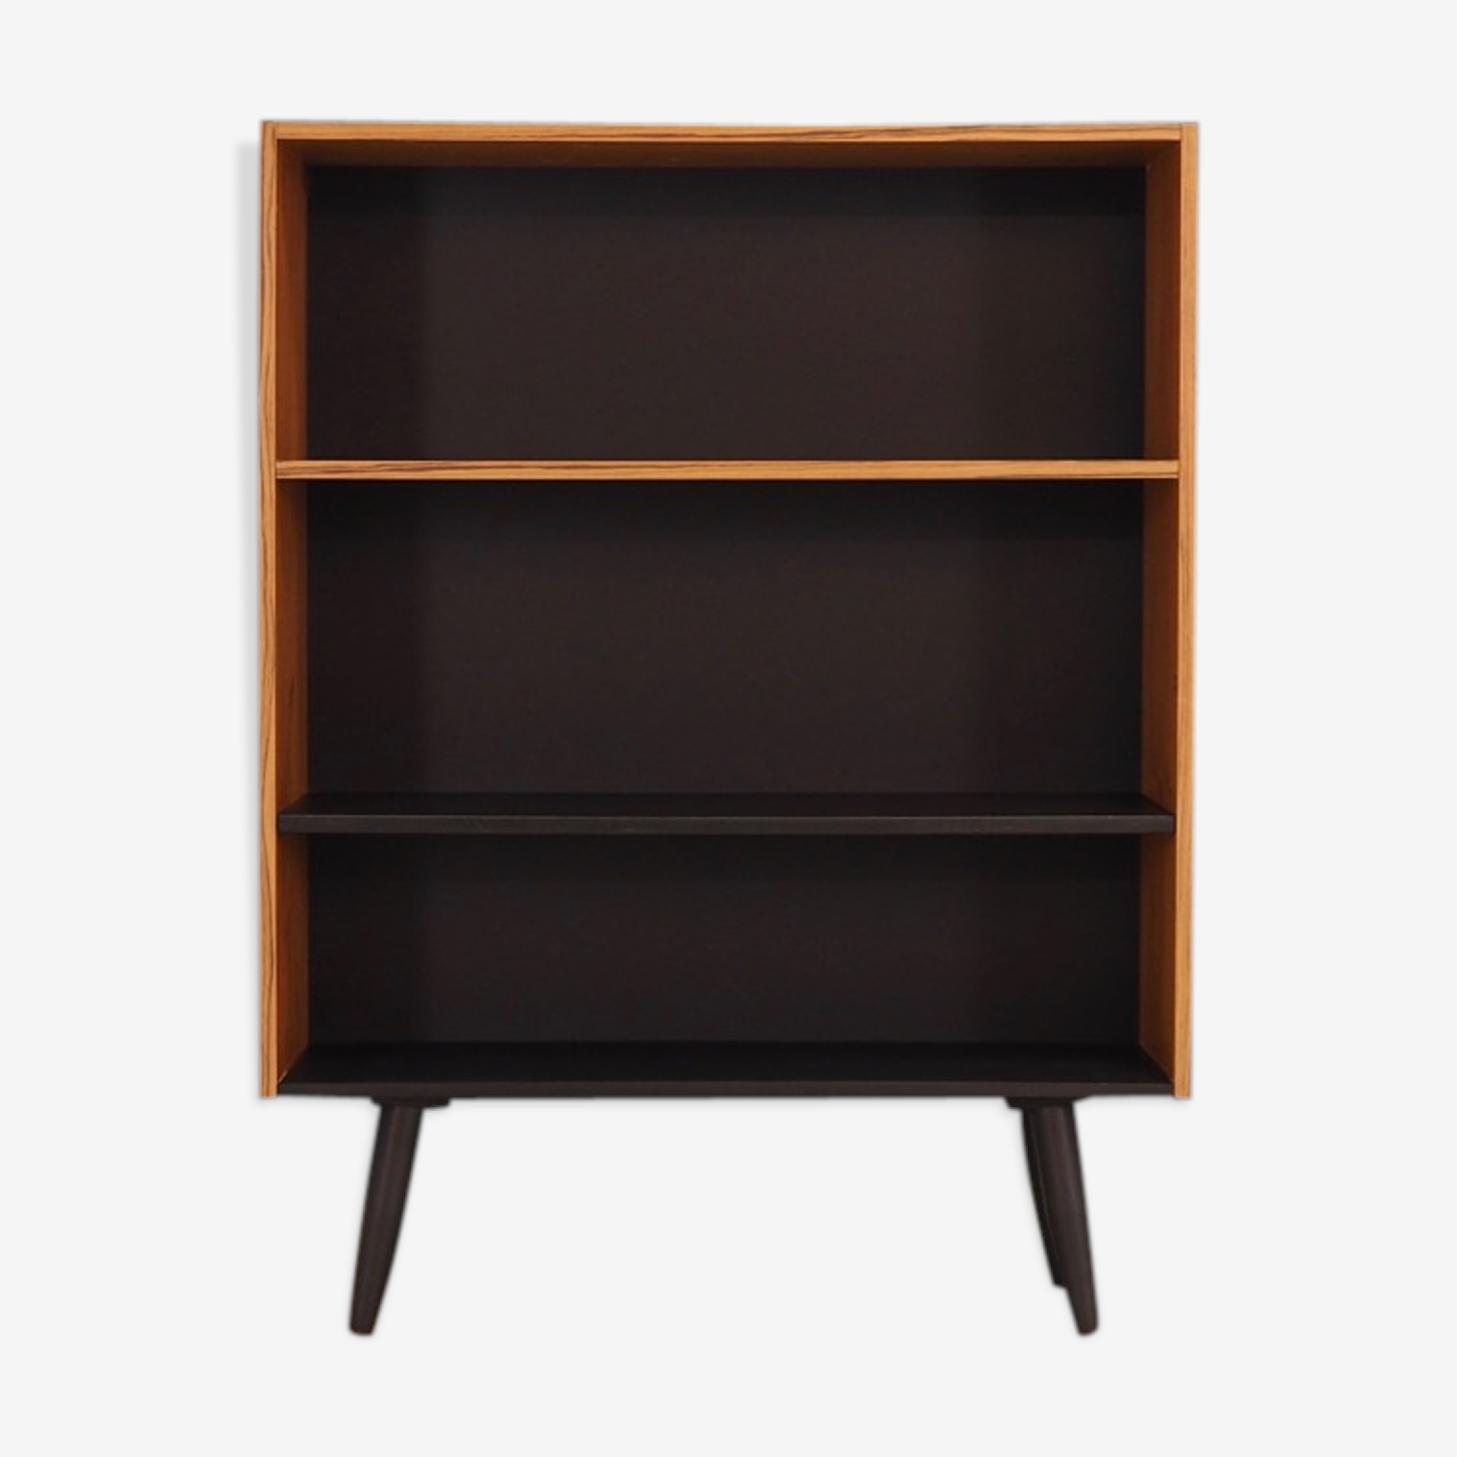 Bookcase danish design 60 70's